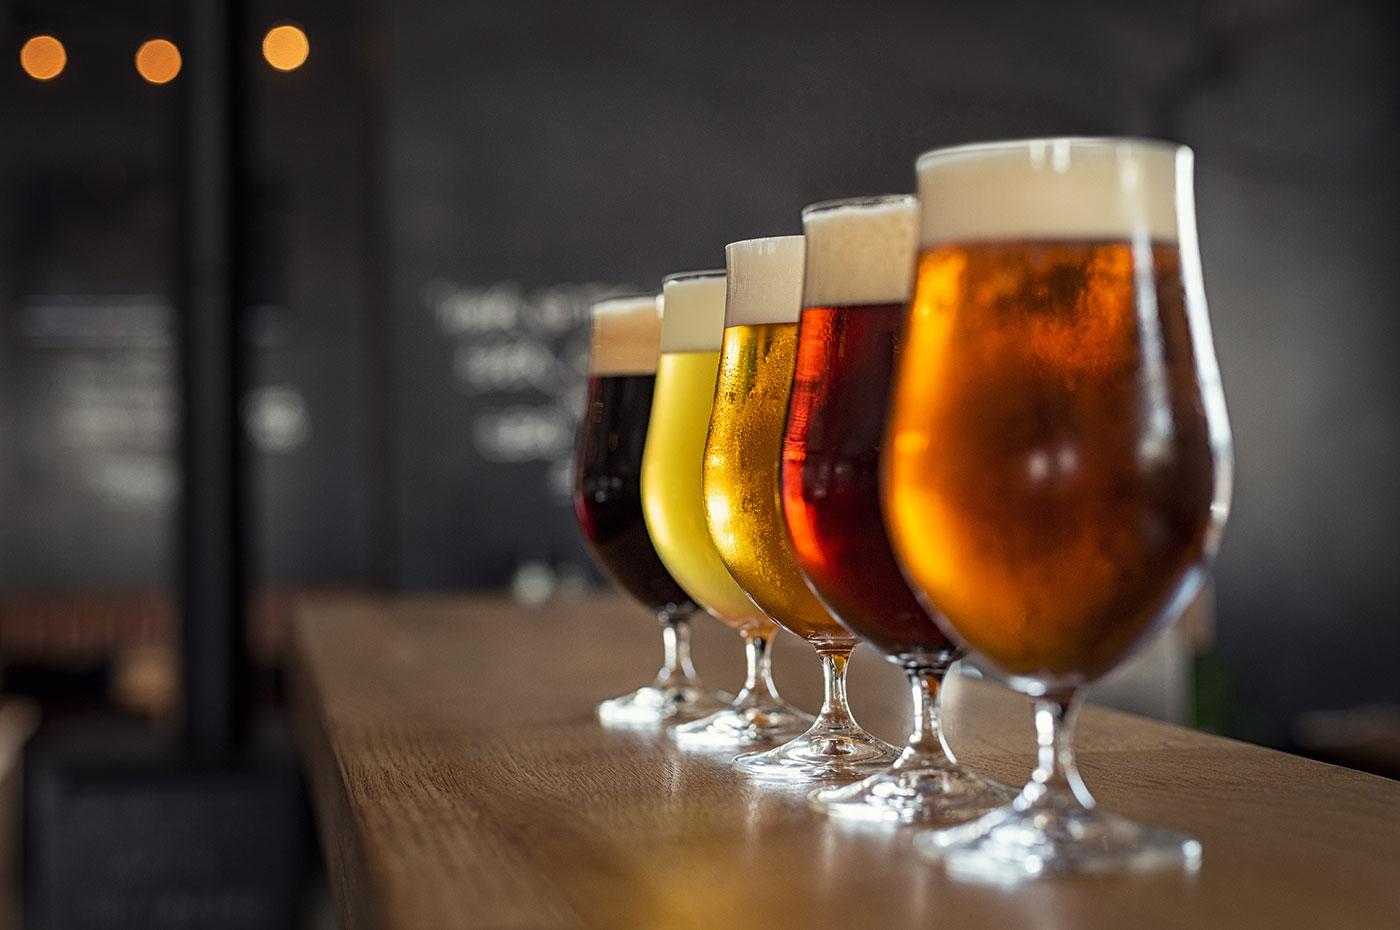 Sofisticado, Artesanal e Delicioso. É assim o mundo da cerveja em Portugal. 1